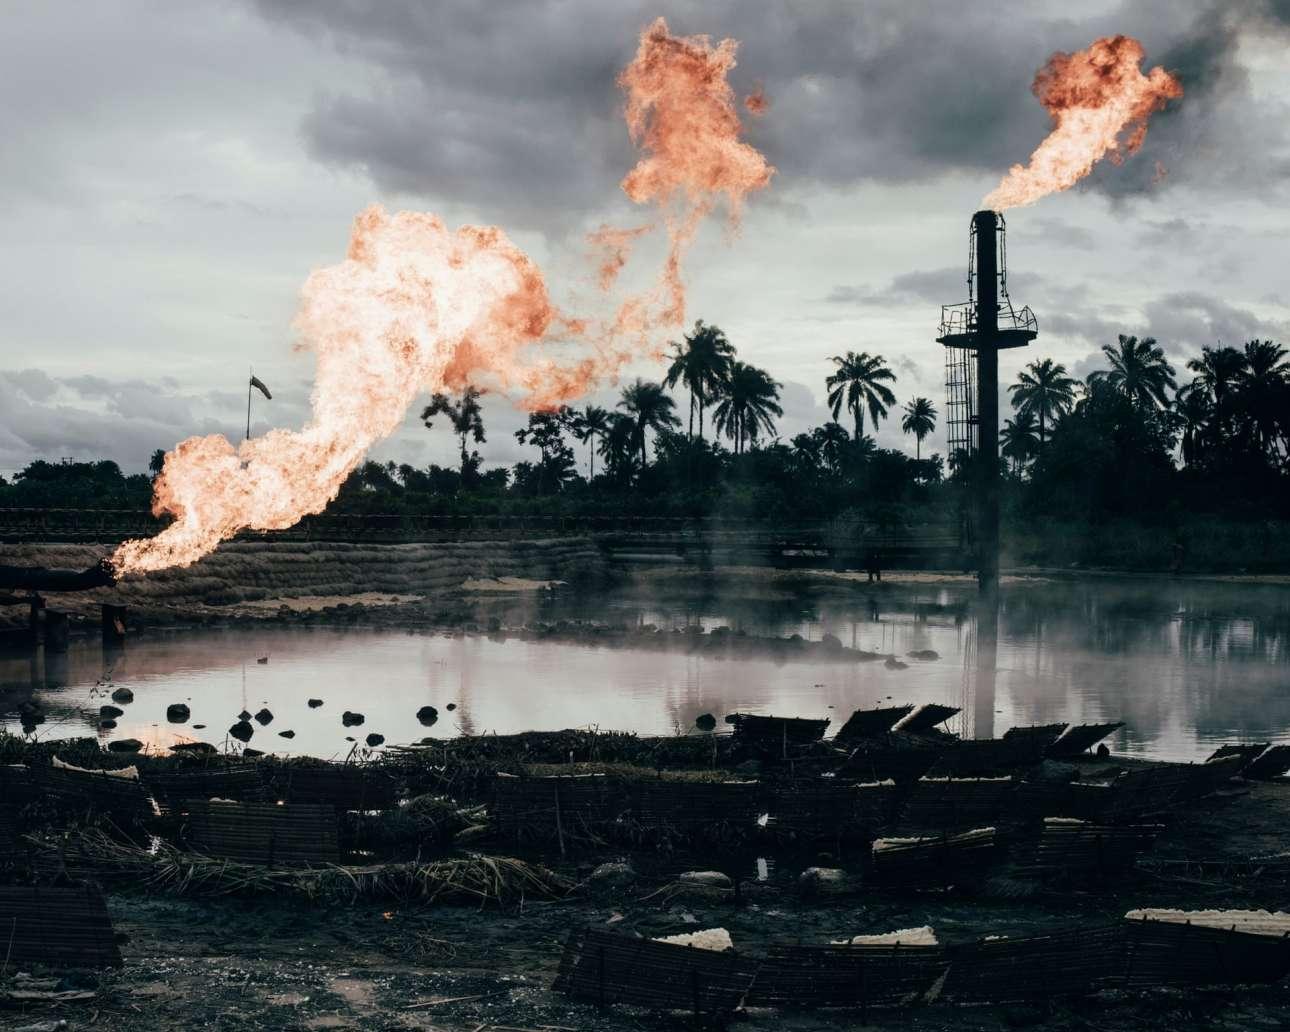 Το πρώτο βραβείο στην κατηγορία «Environment»  πήγε στον Ρόμπιν Χινς για τη σειρά του «Wahala» που εξετάζει τις επιπτώσεις της πετρελαιοβιομηχανίας στις κοινότητες και το οικοσύστημα του Δέλτα του Νίγηρα